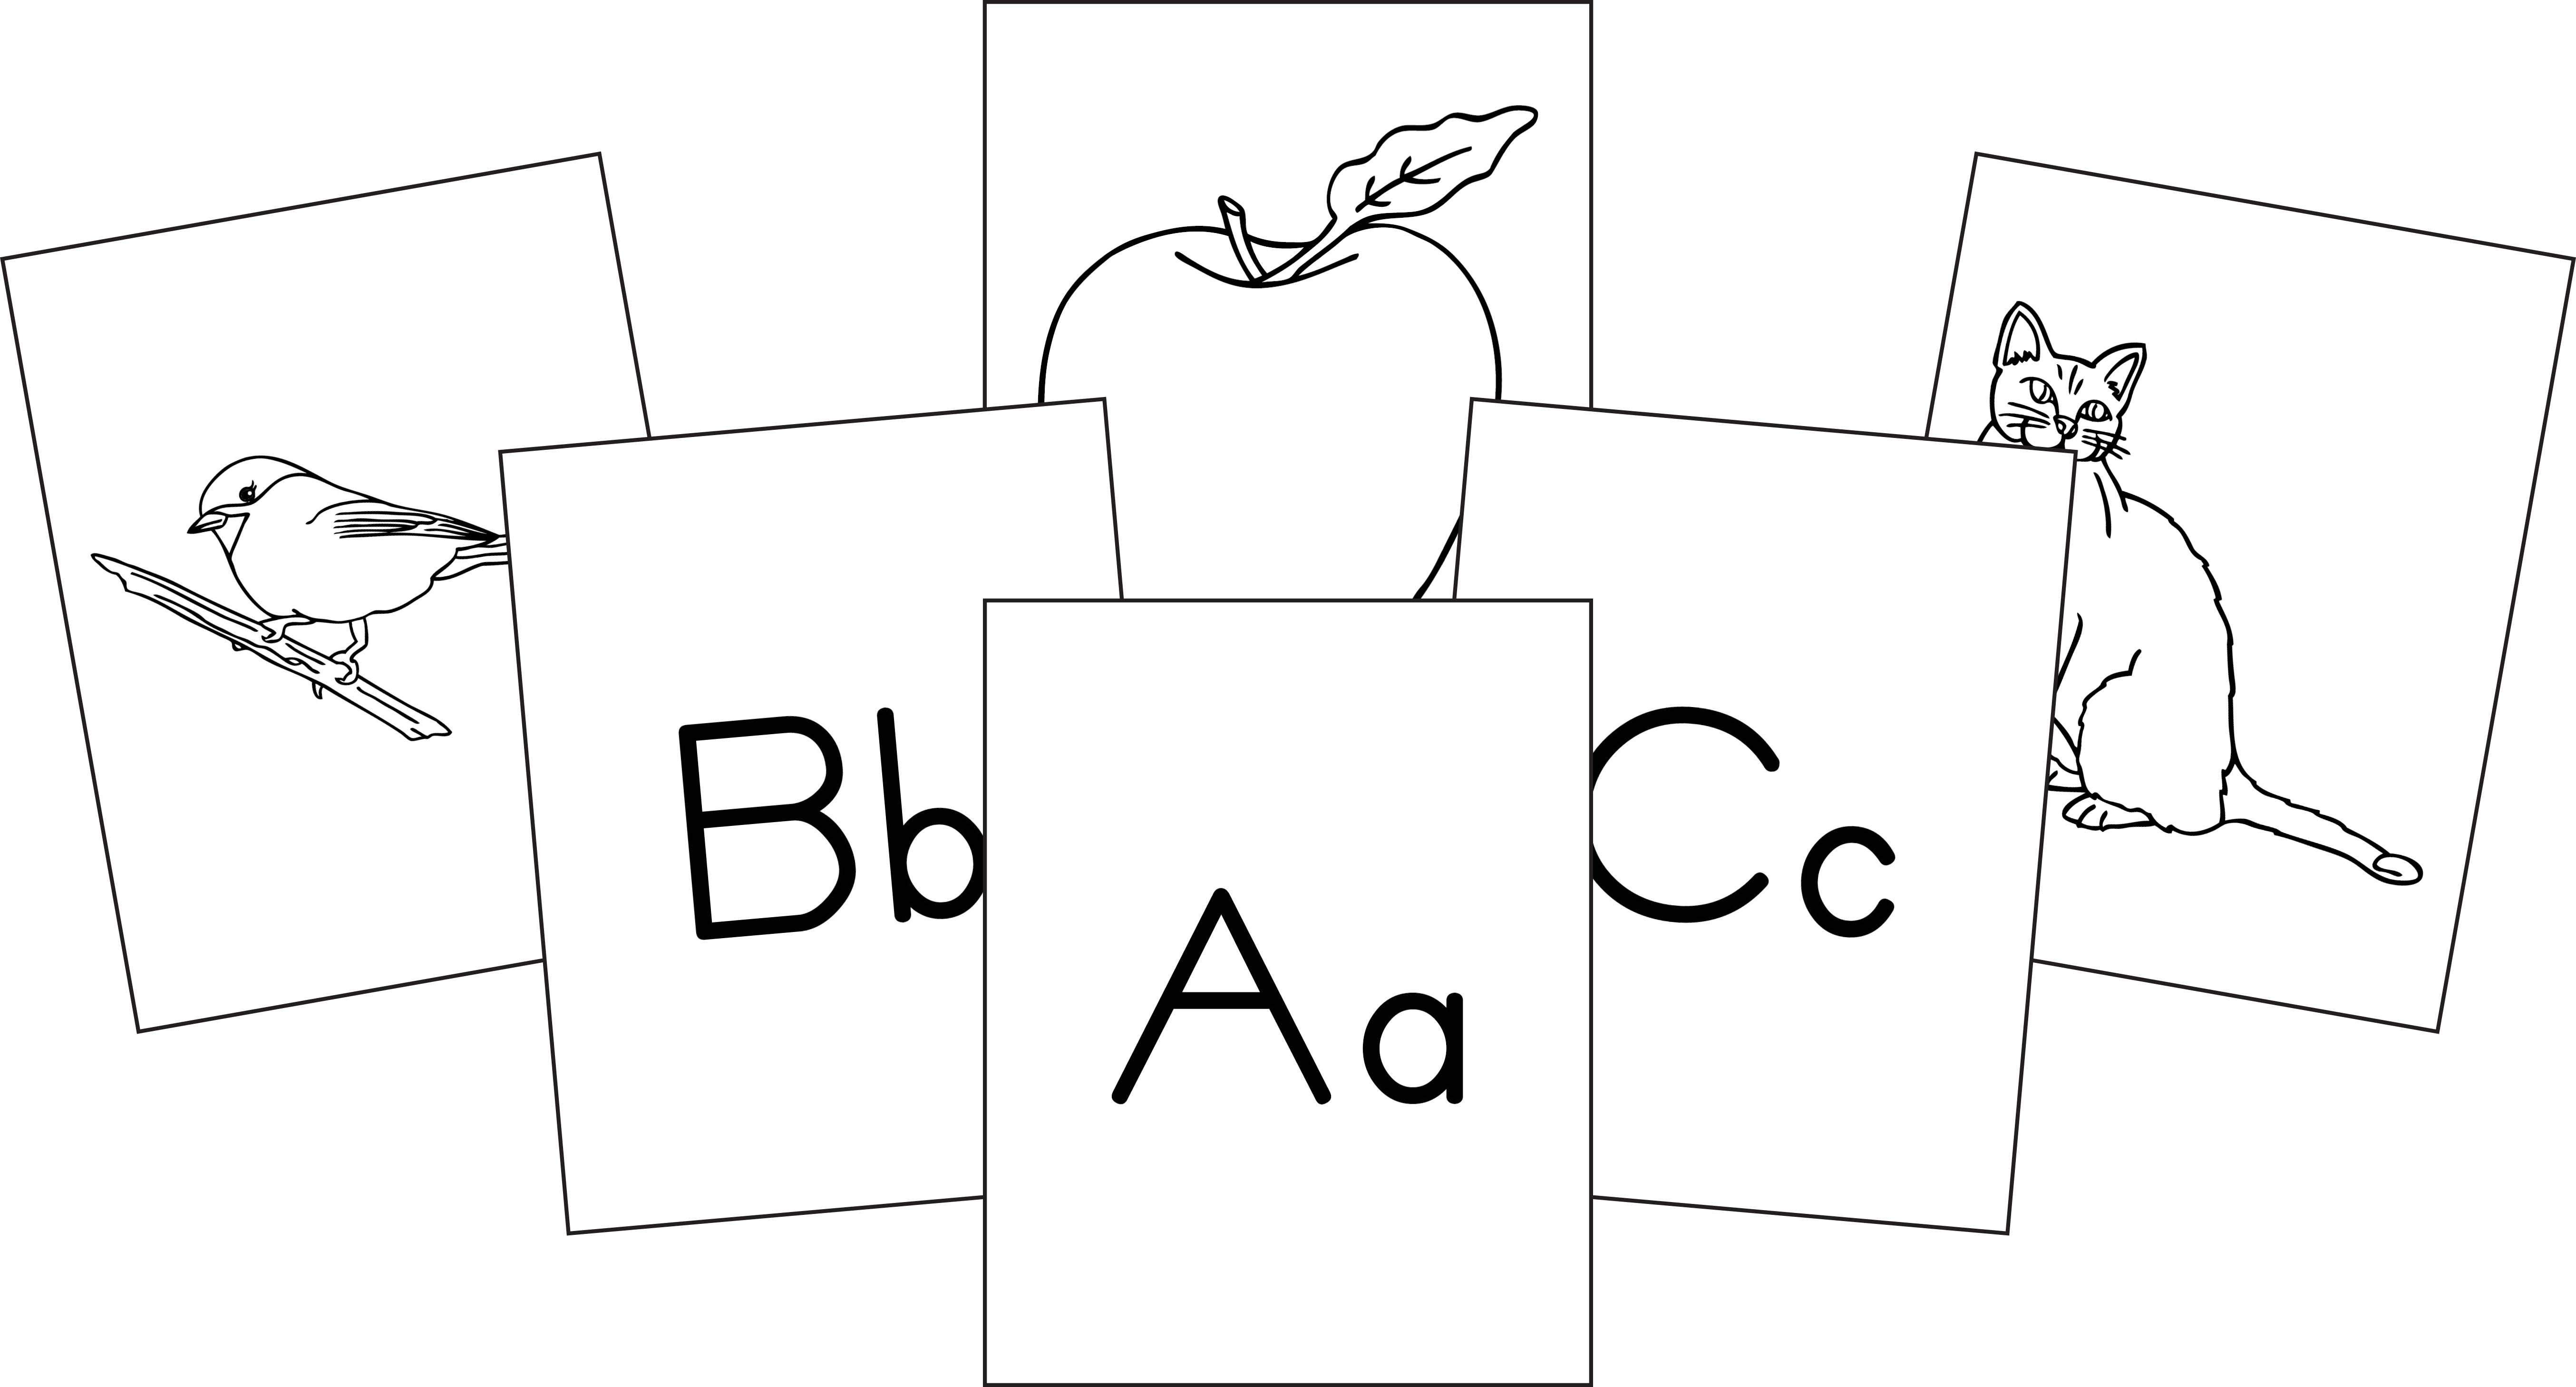 Biblical Hebrew Alphabet Flash Cards Printable | Cardfssn org